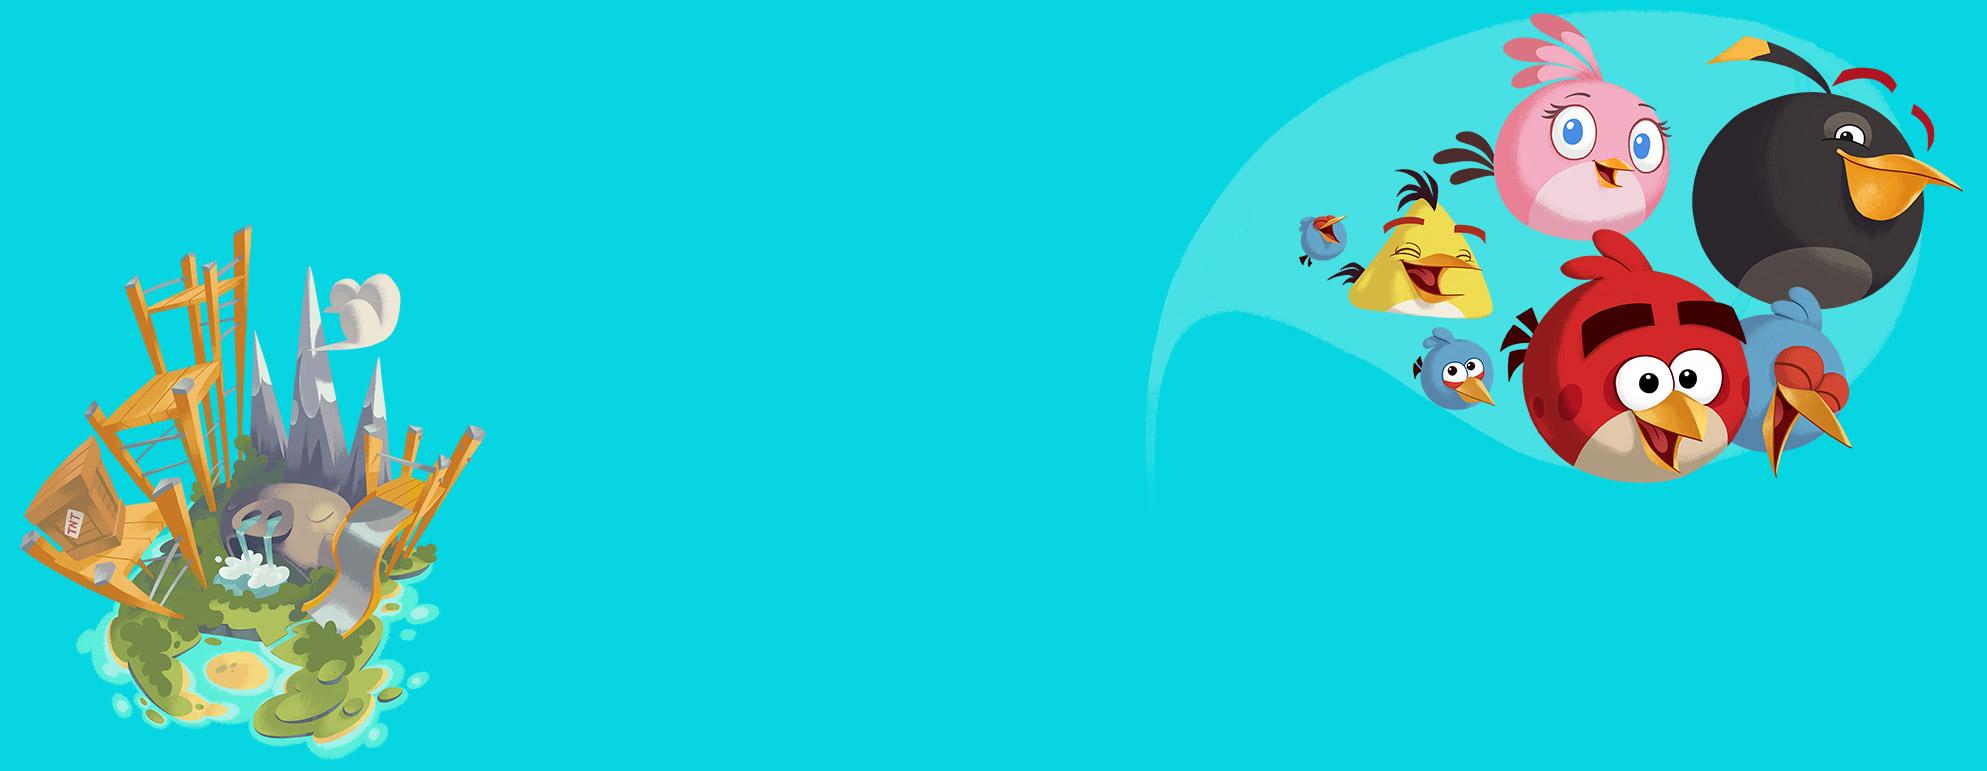 [Angry Birds] Piggy Island by nikitabirds